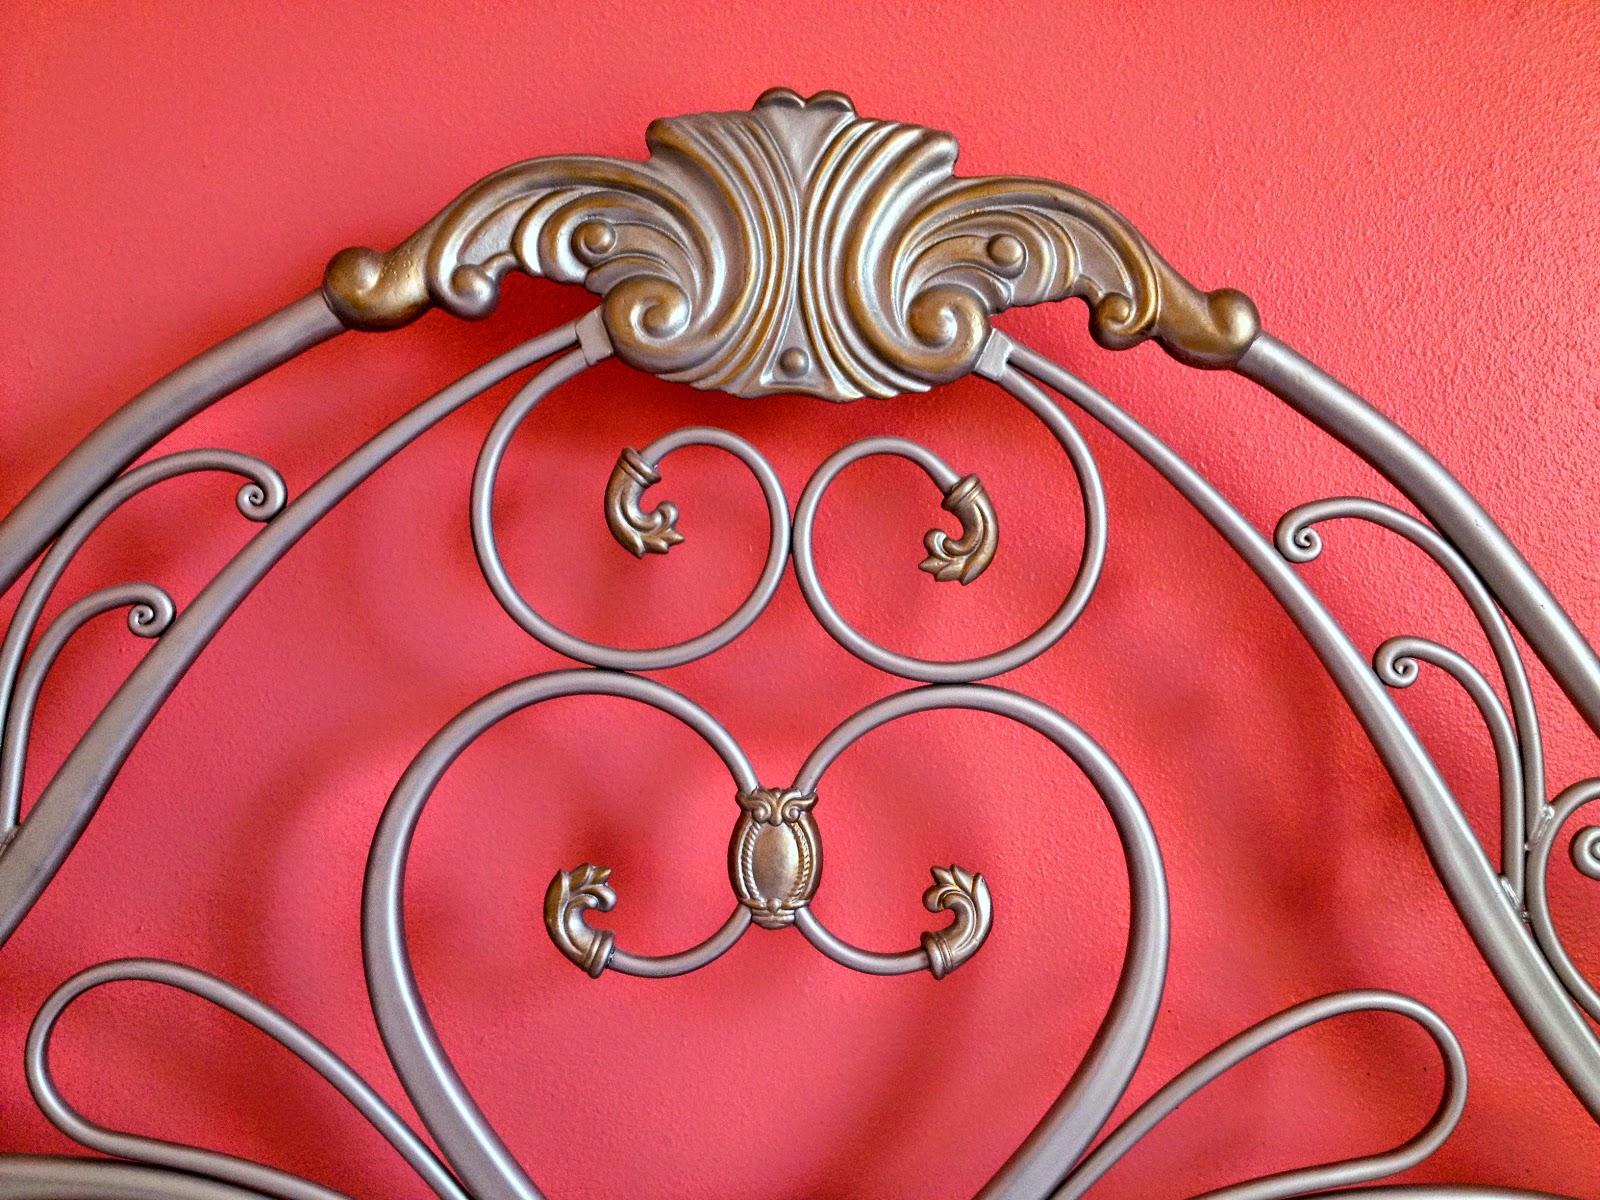 Основную стену спальни я решила перекрасить в лососевый цвет и не ожидала, что цветовая гамма стен будет гармонично сочетаться с благородным серебром и золотом мебели